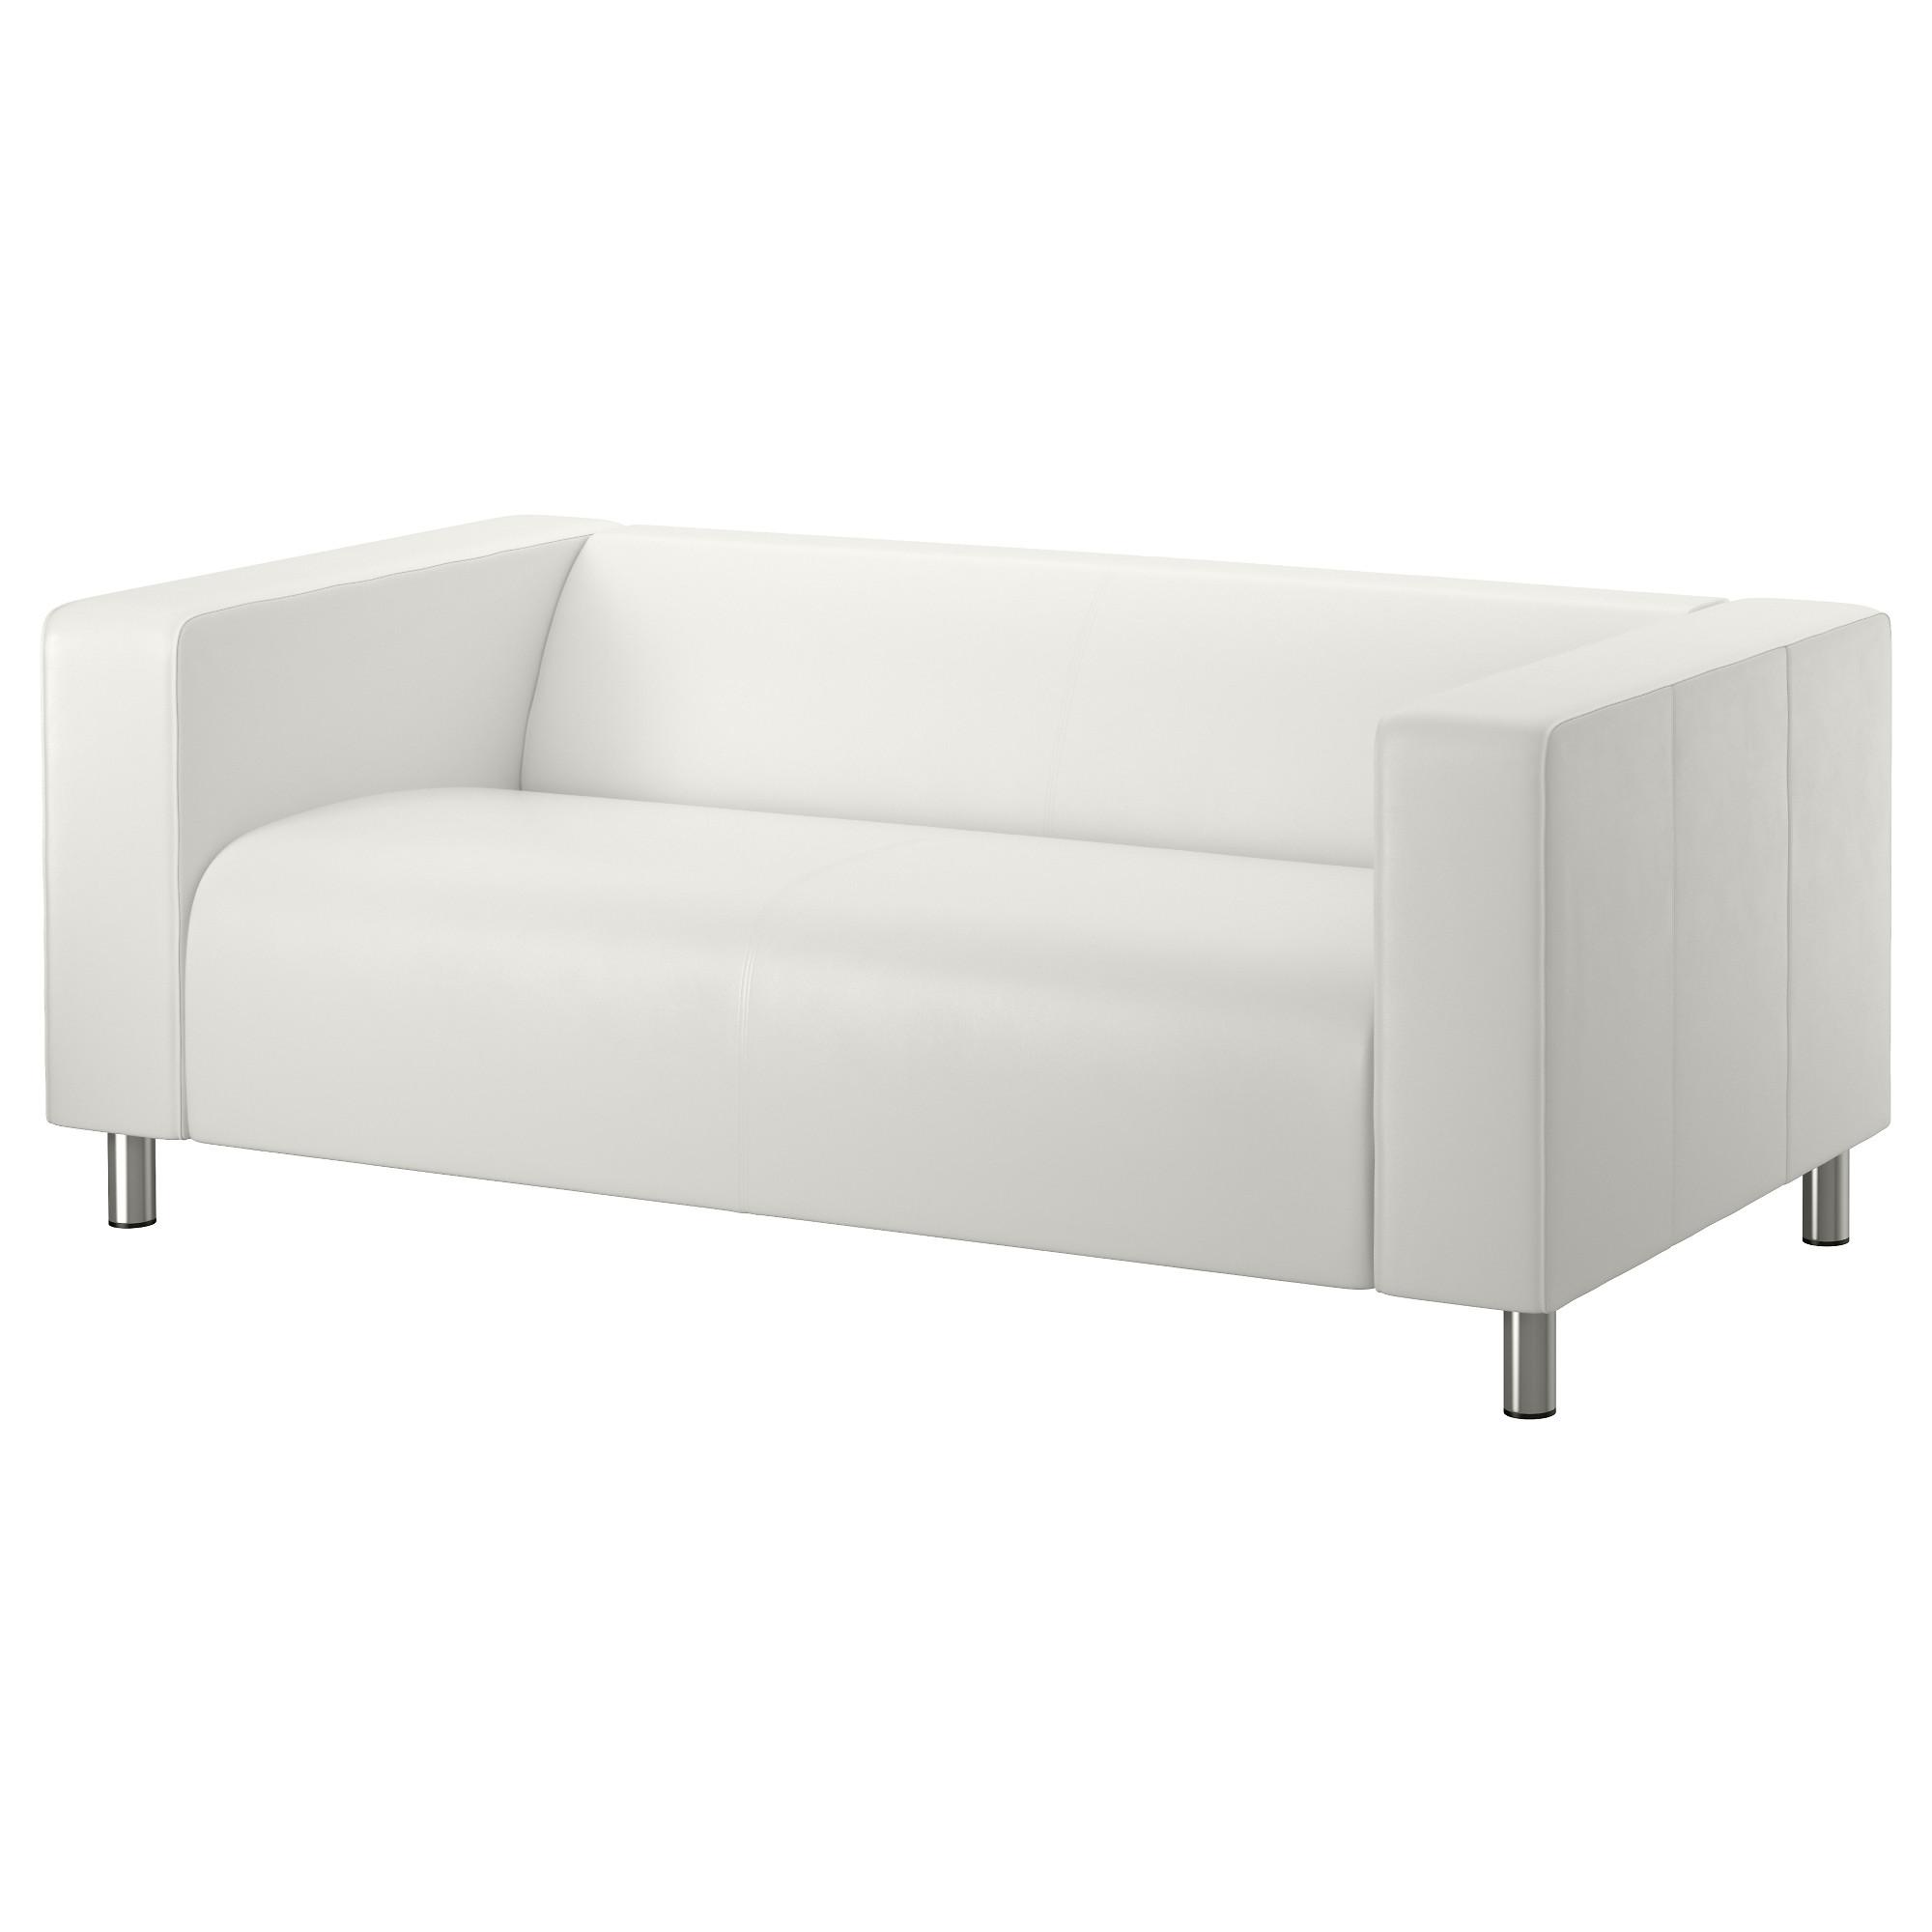 купить диван 2 местный клиппан кимстад белый в Ikea минск